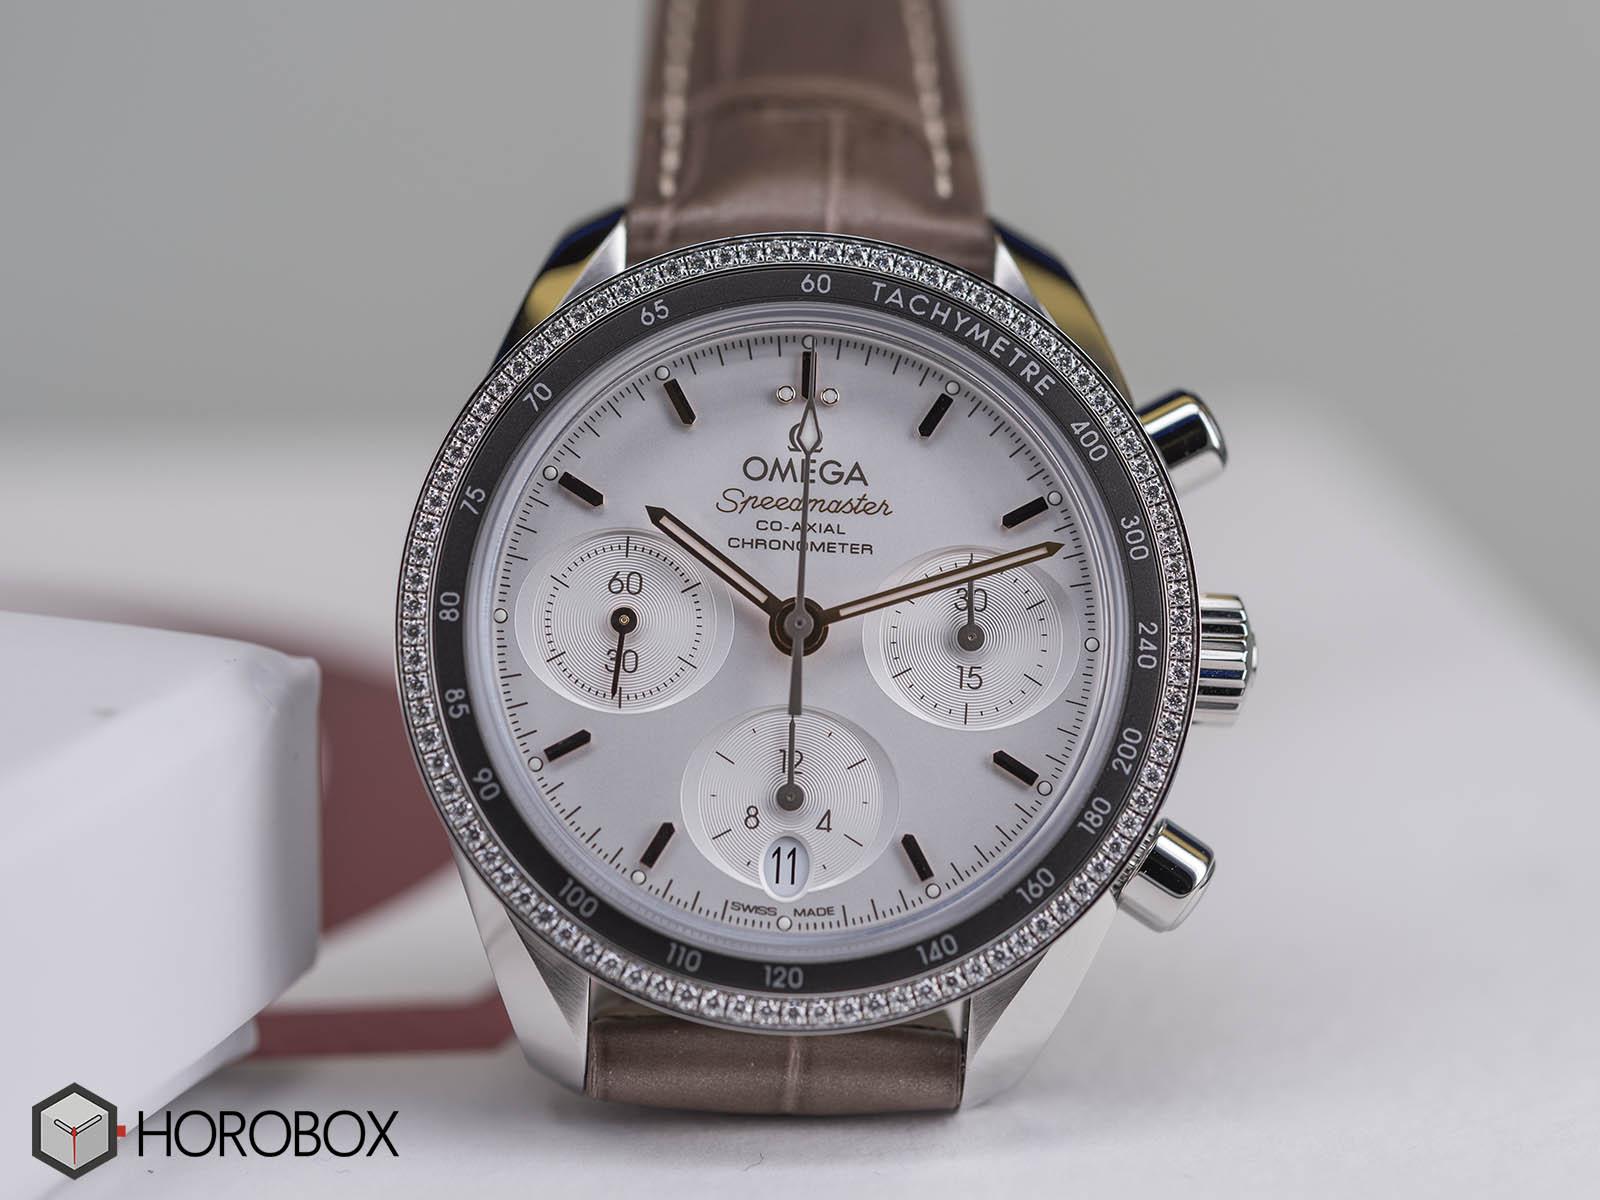 324-38-38-50-02-001-omega-speedmaster-38-chronograph-3.jpg